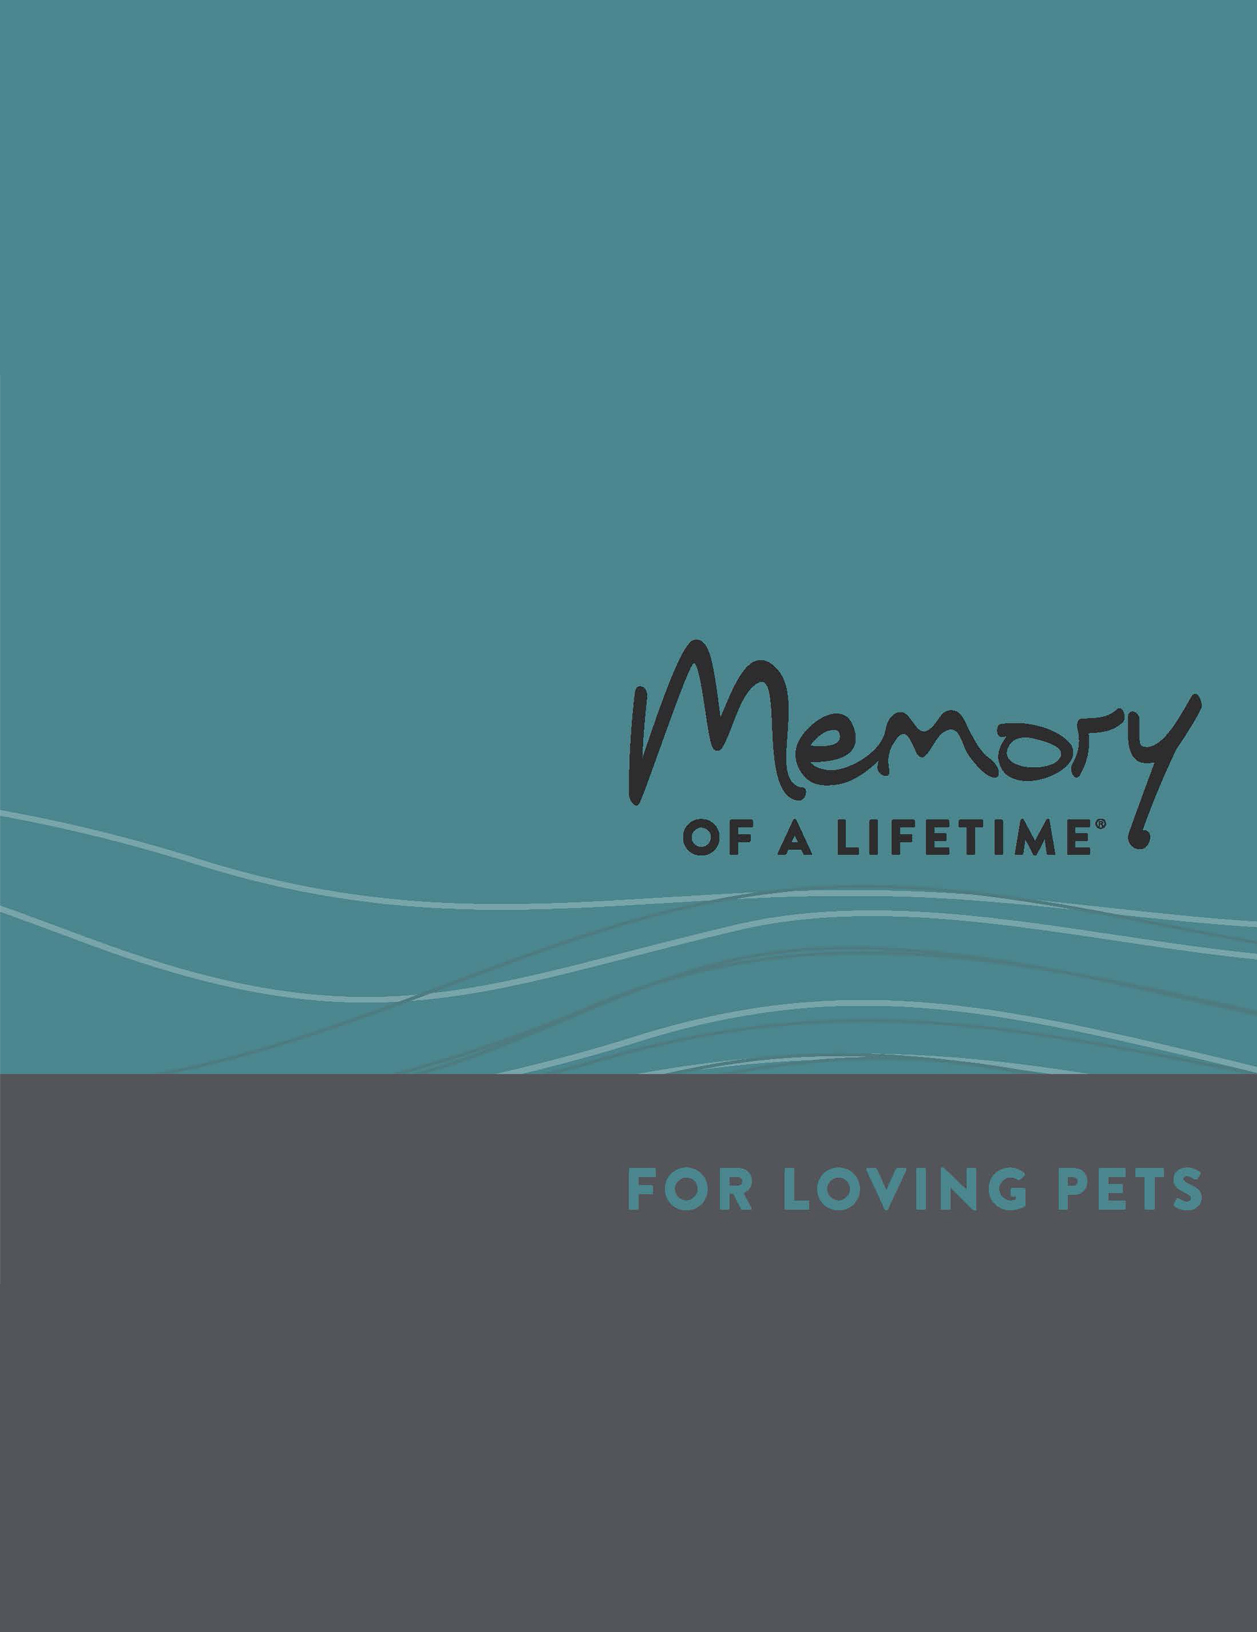 2020 Memory of a Lifetime Pets thumbnail